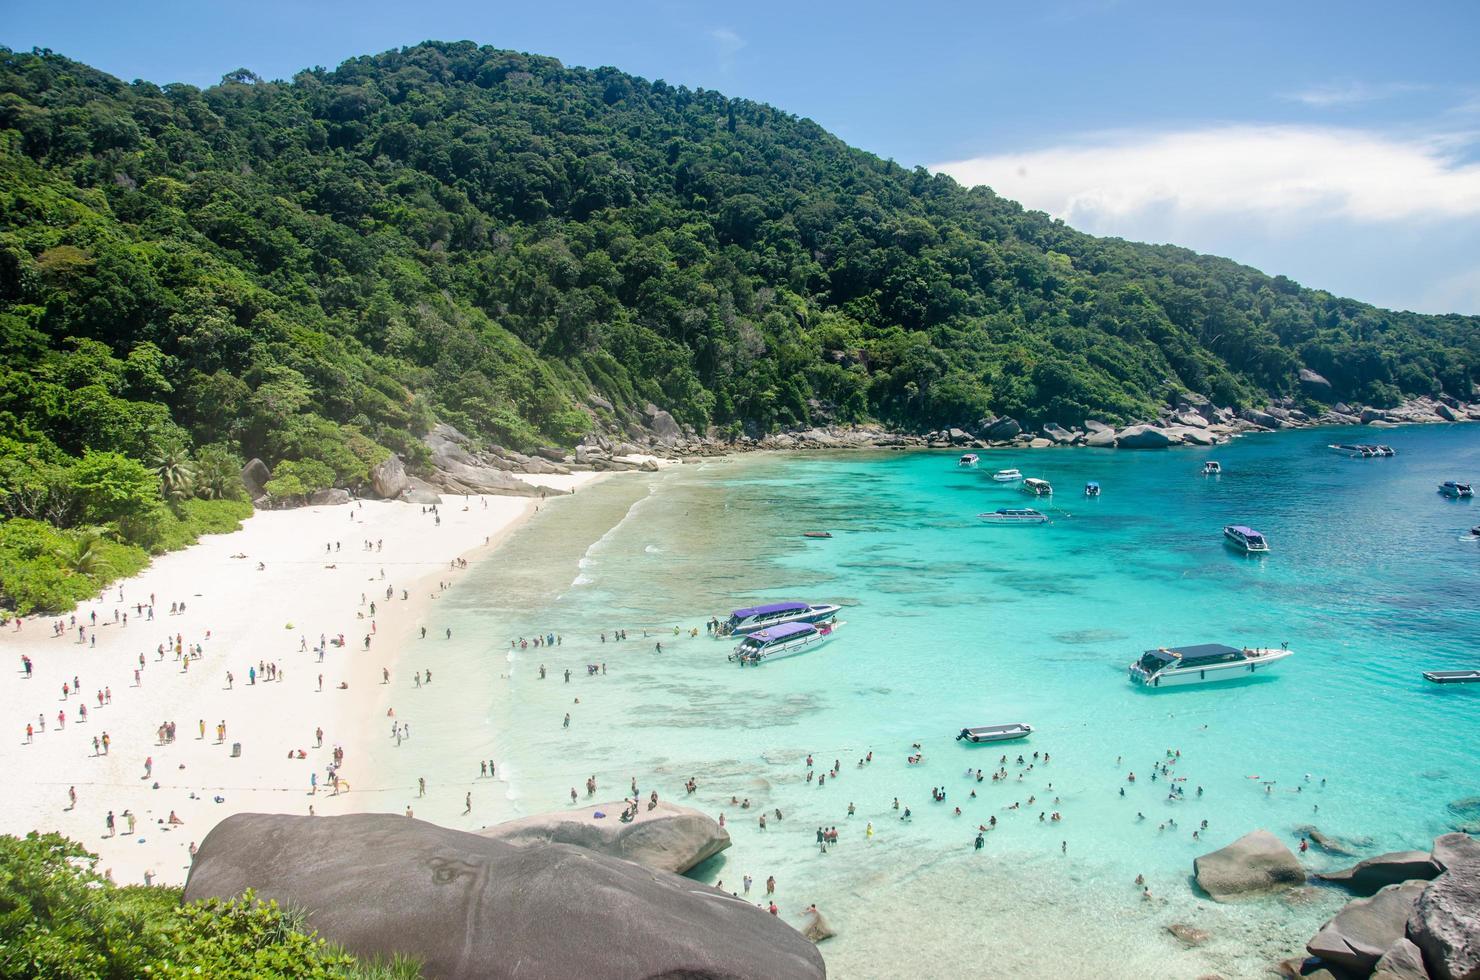 similan öar, thailand, 2020 - människor njuter av en dag på stranden foto